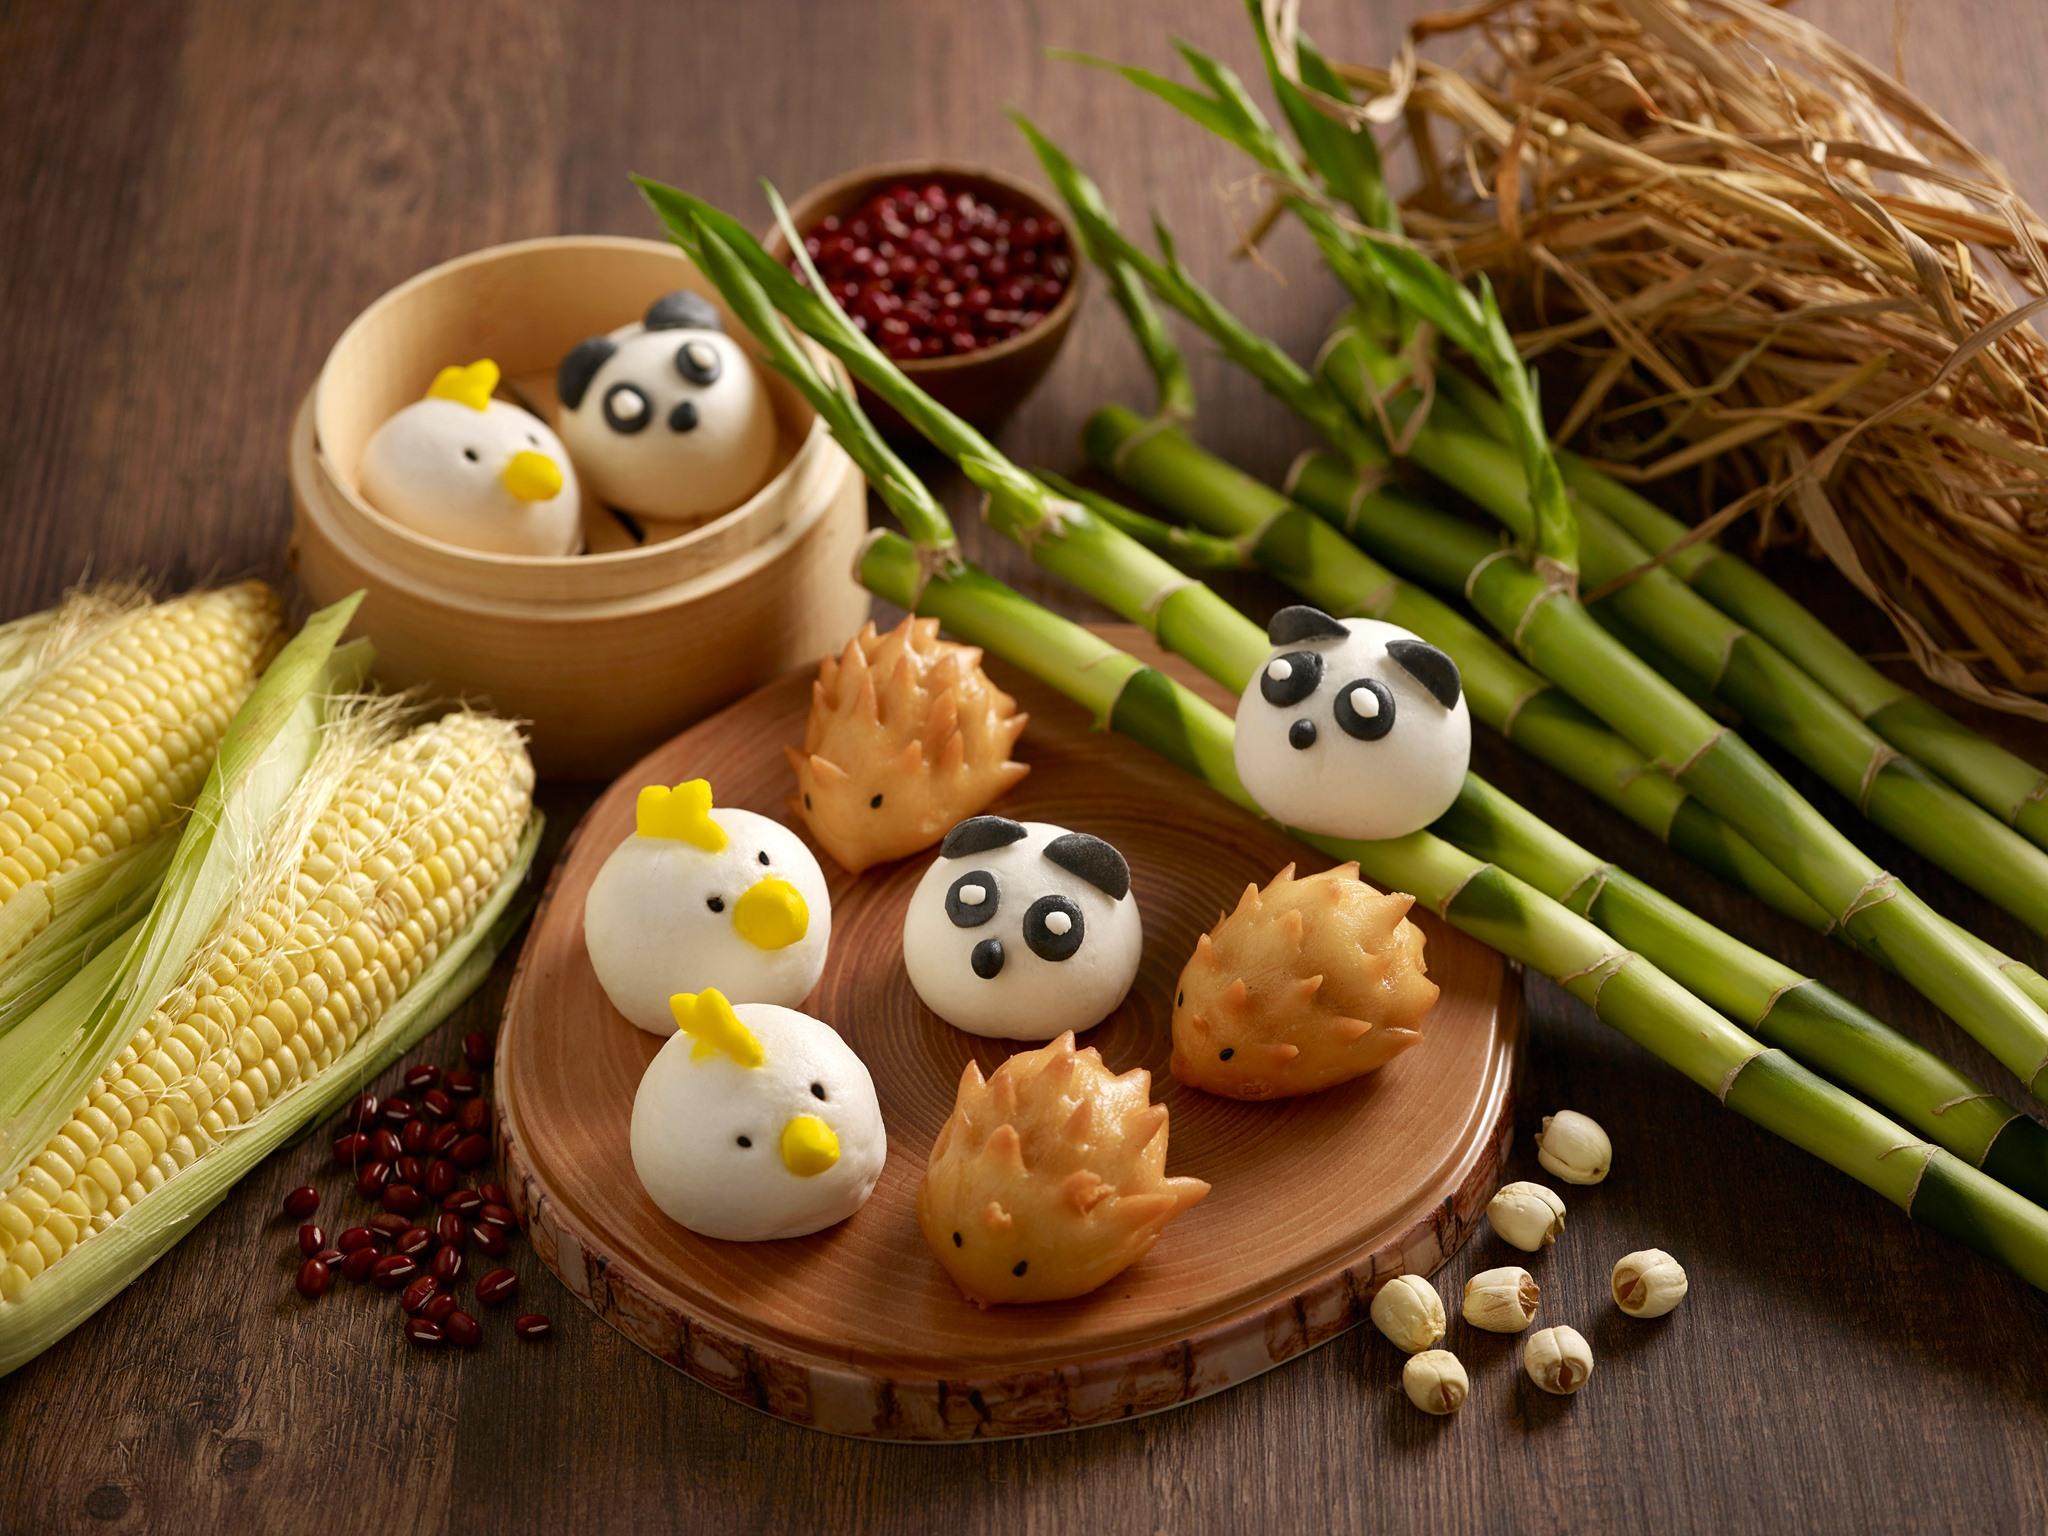 happy animal farm bao